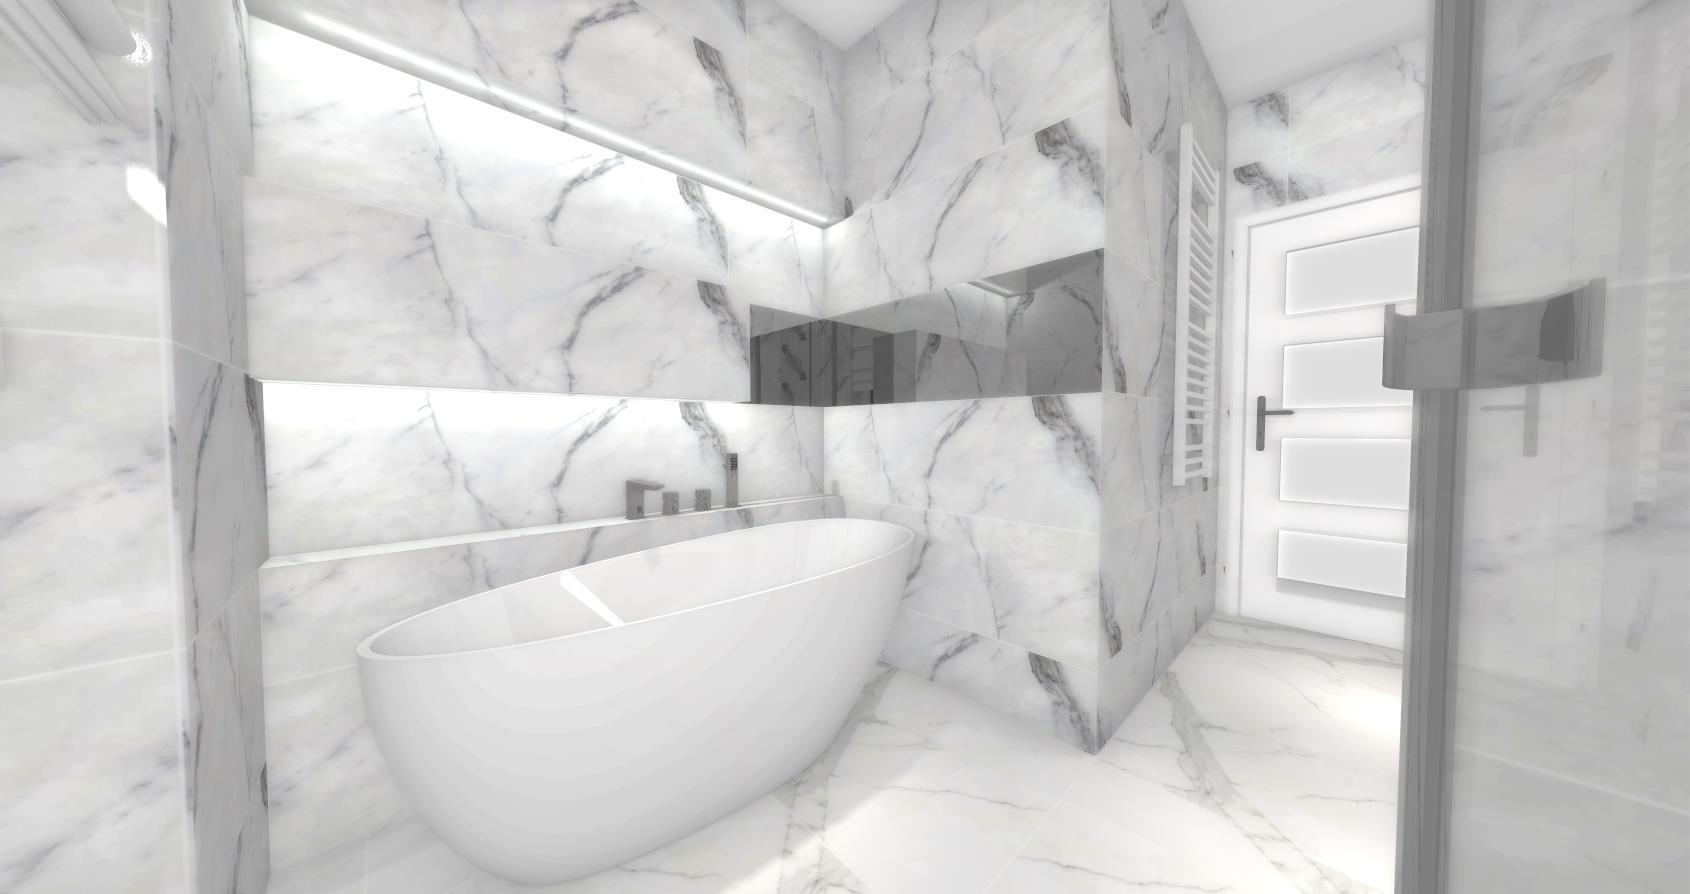 Projekty łazienek Termico Mielec